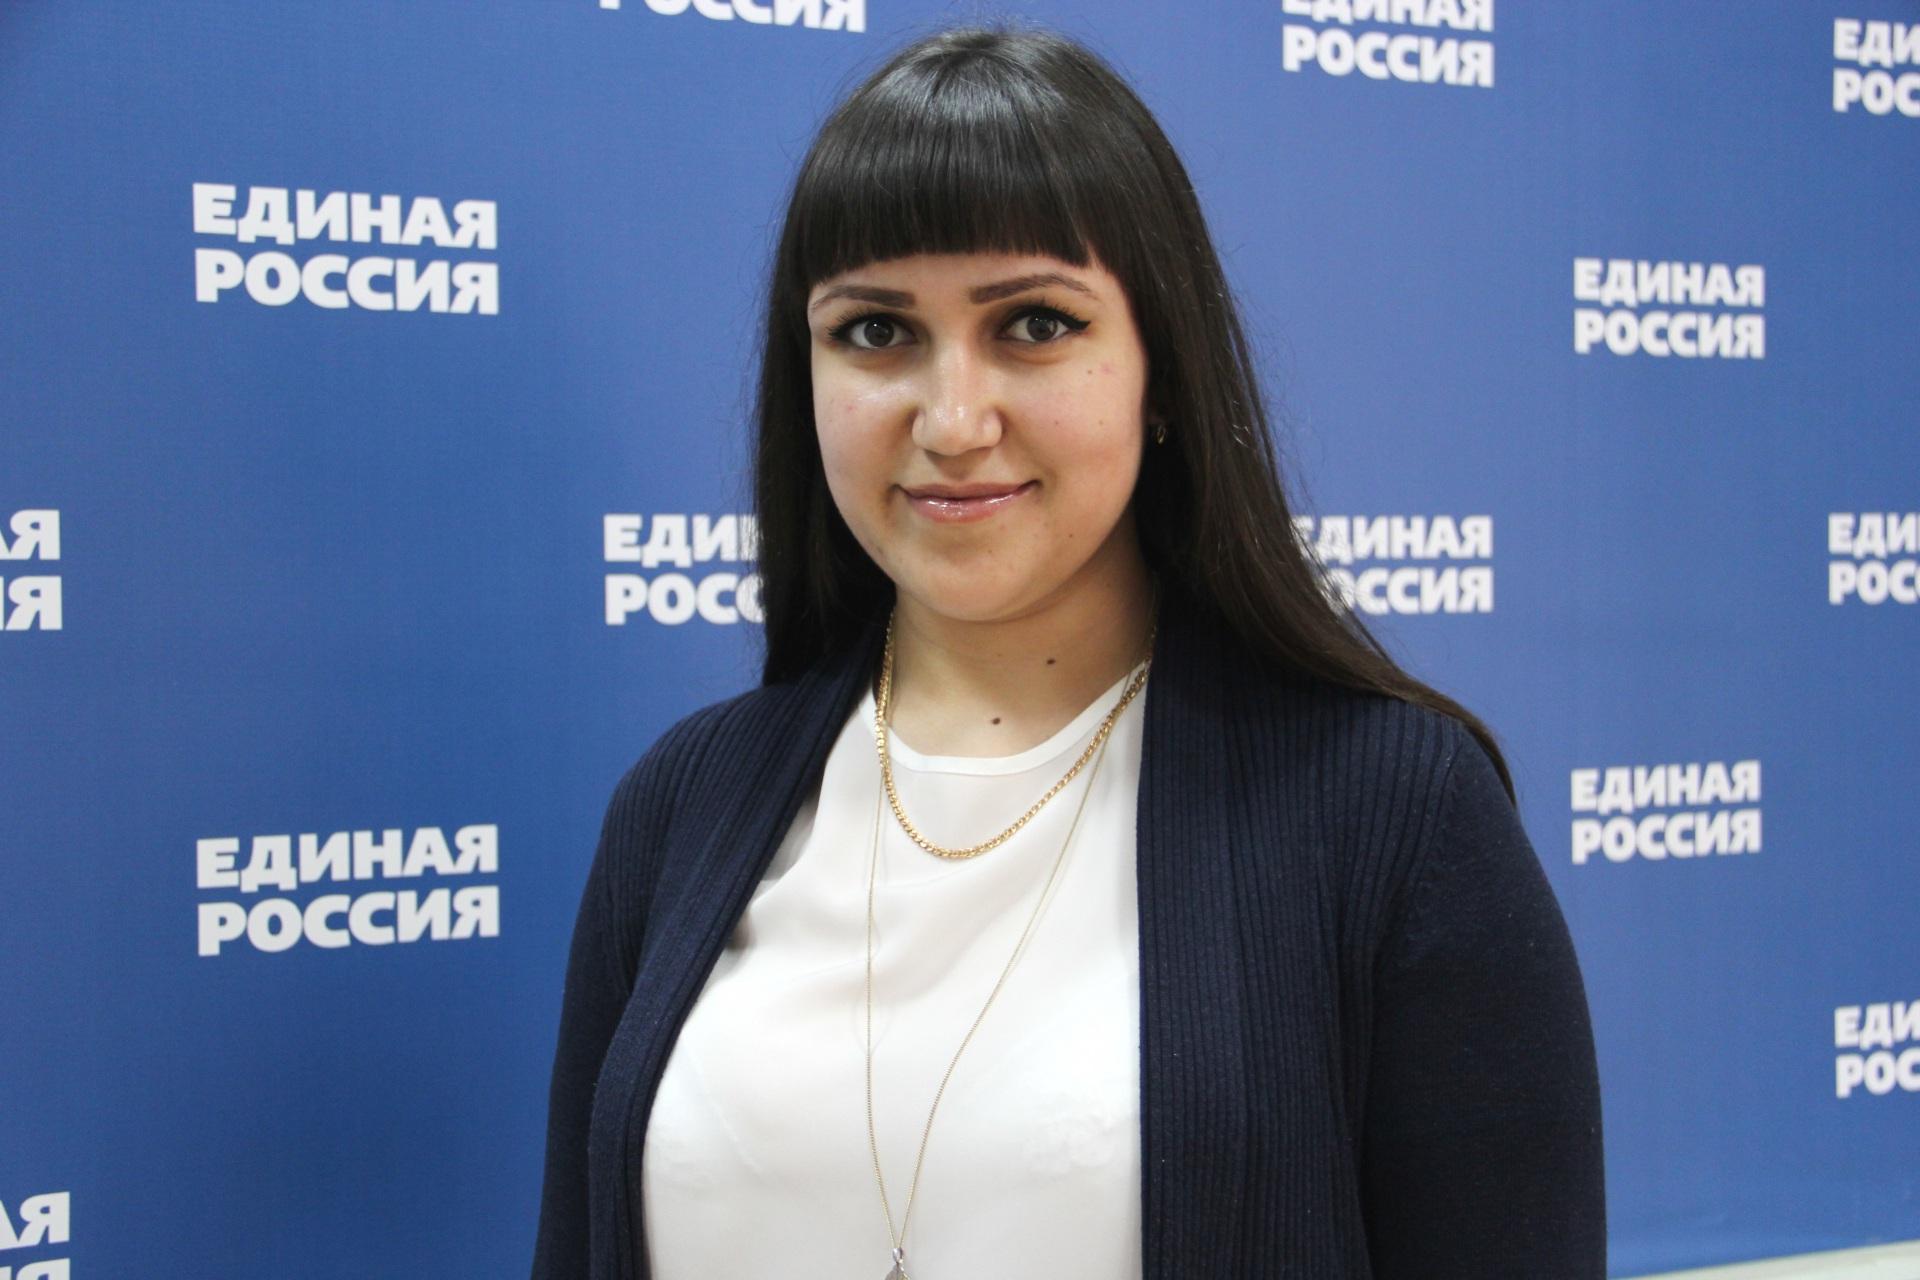 На участие в предварительном голосовании по выборам в Госсовет Коми заявилась молодогвардейка